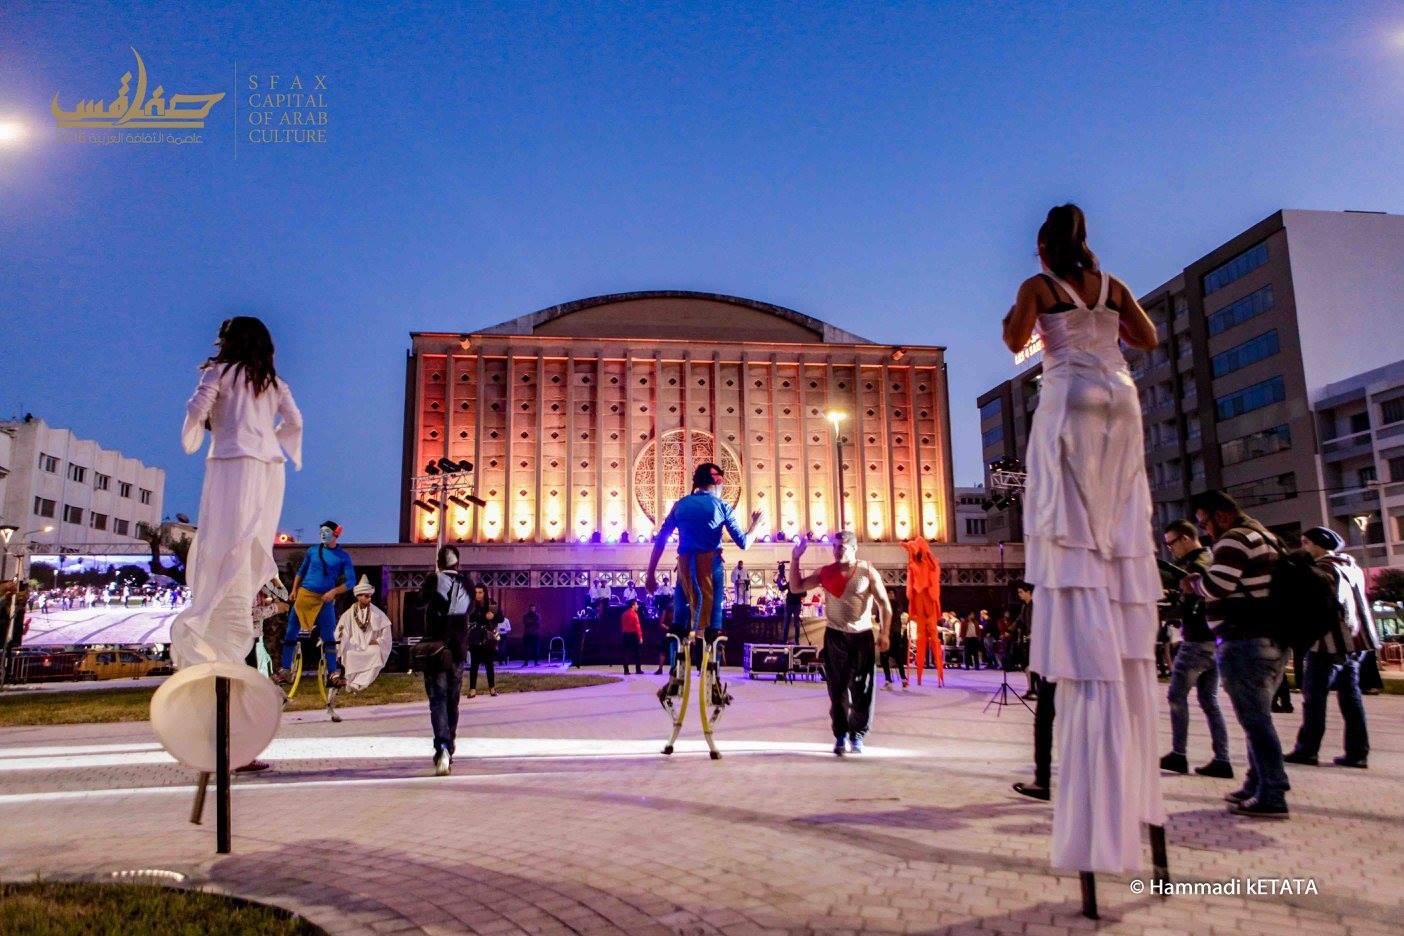 دار الفنون بصفاقس - عاصمة للثقافة العربية - الكنيسة